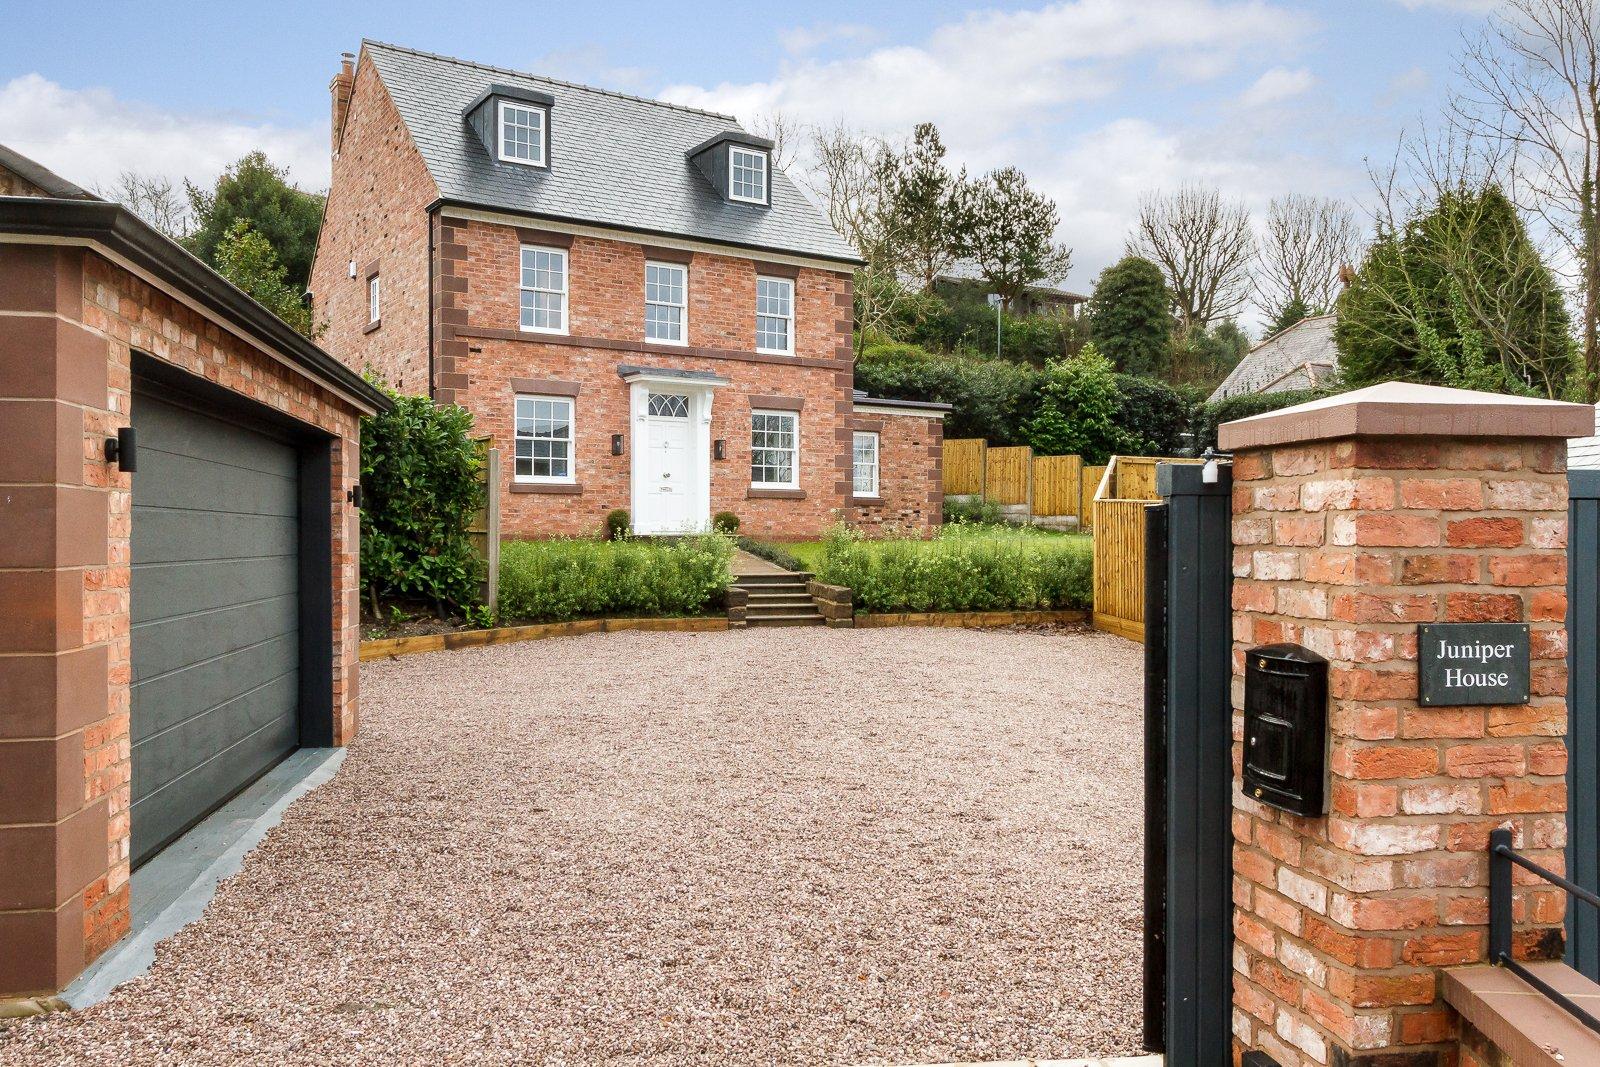 5 bedroom detached for sale in kelsall for Detached garage for sale